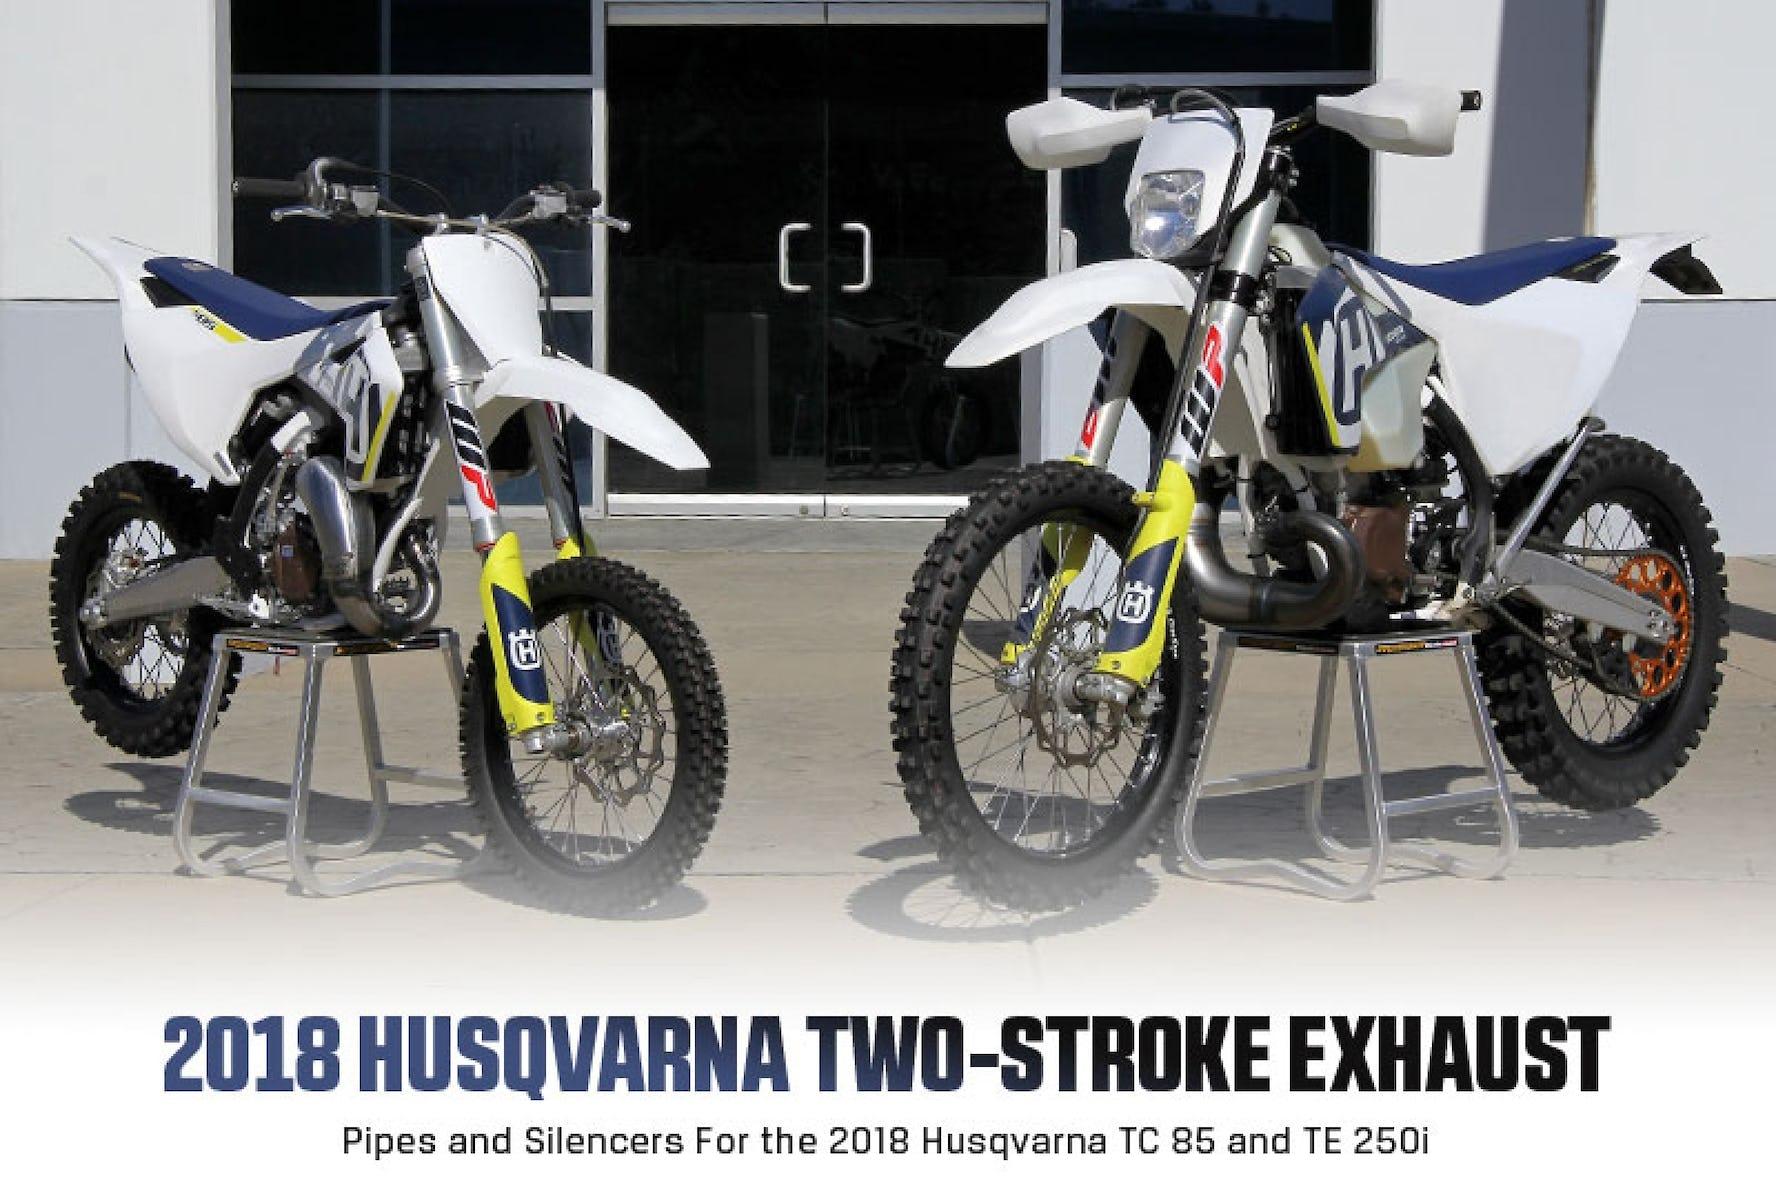 2 Stroke Exhaust Design